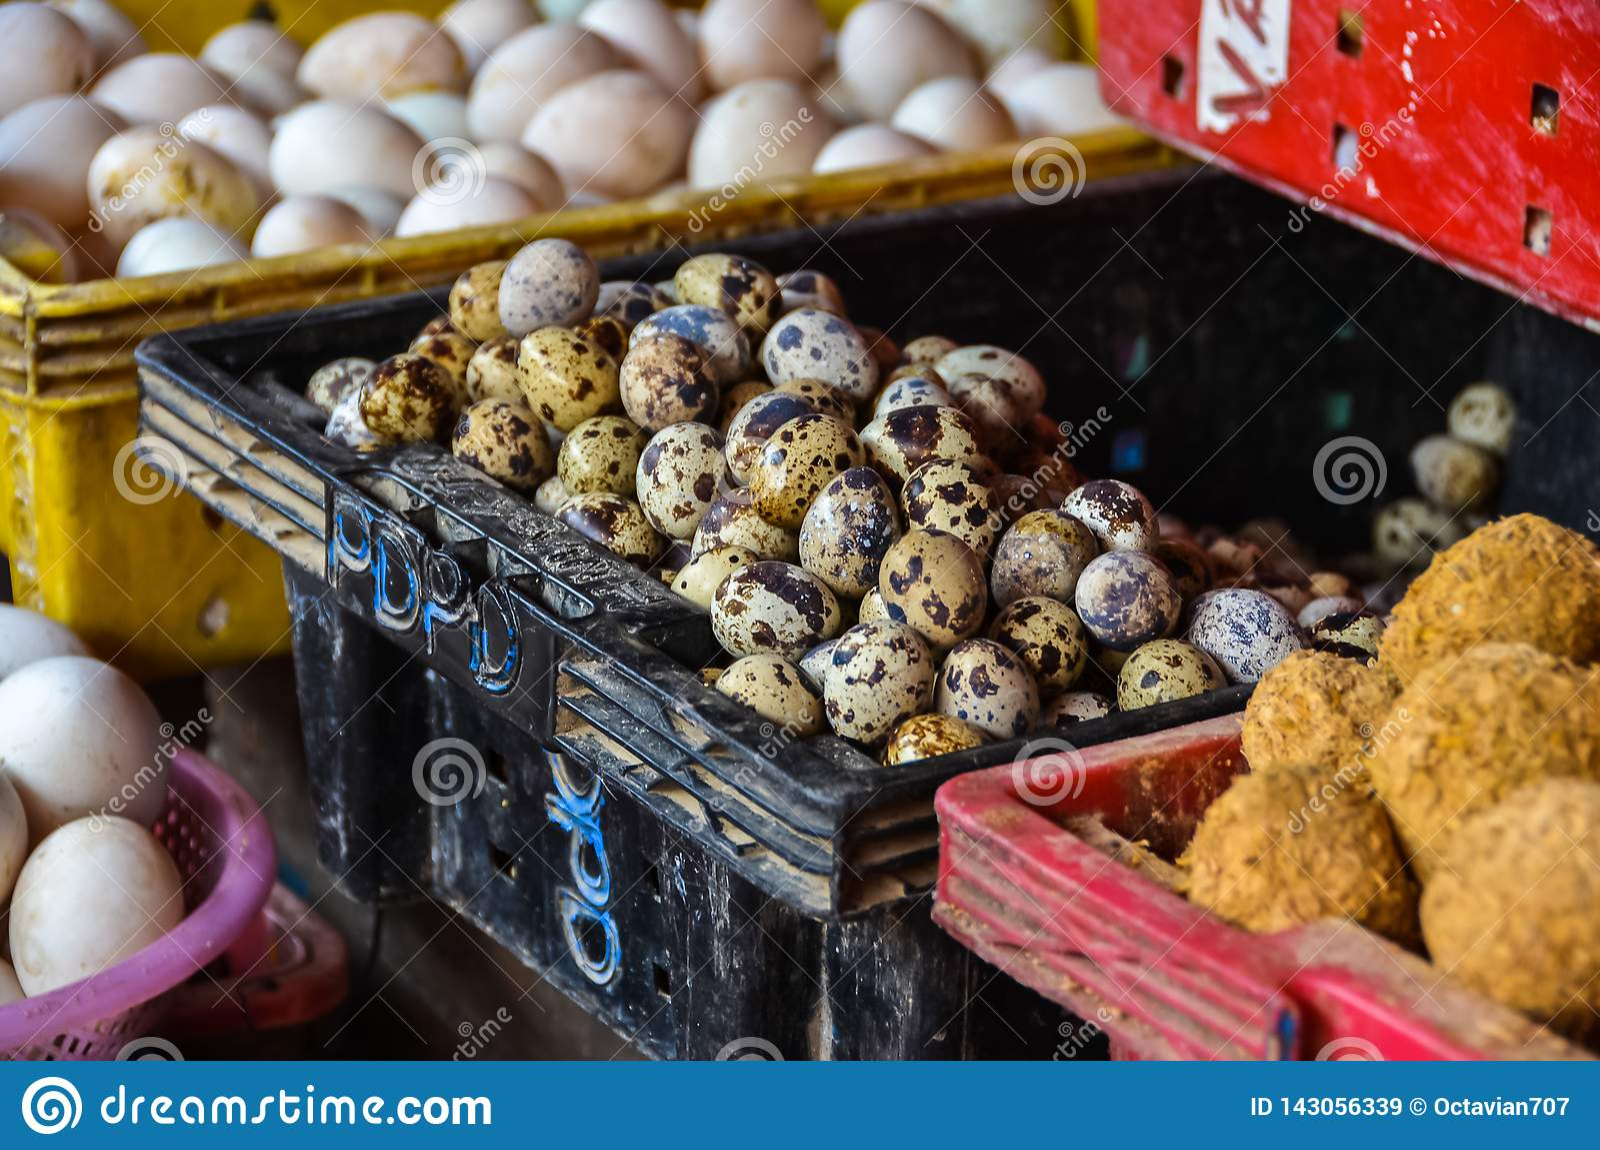 Запятнанные яйца для продажи в рынке во Вьетнаме